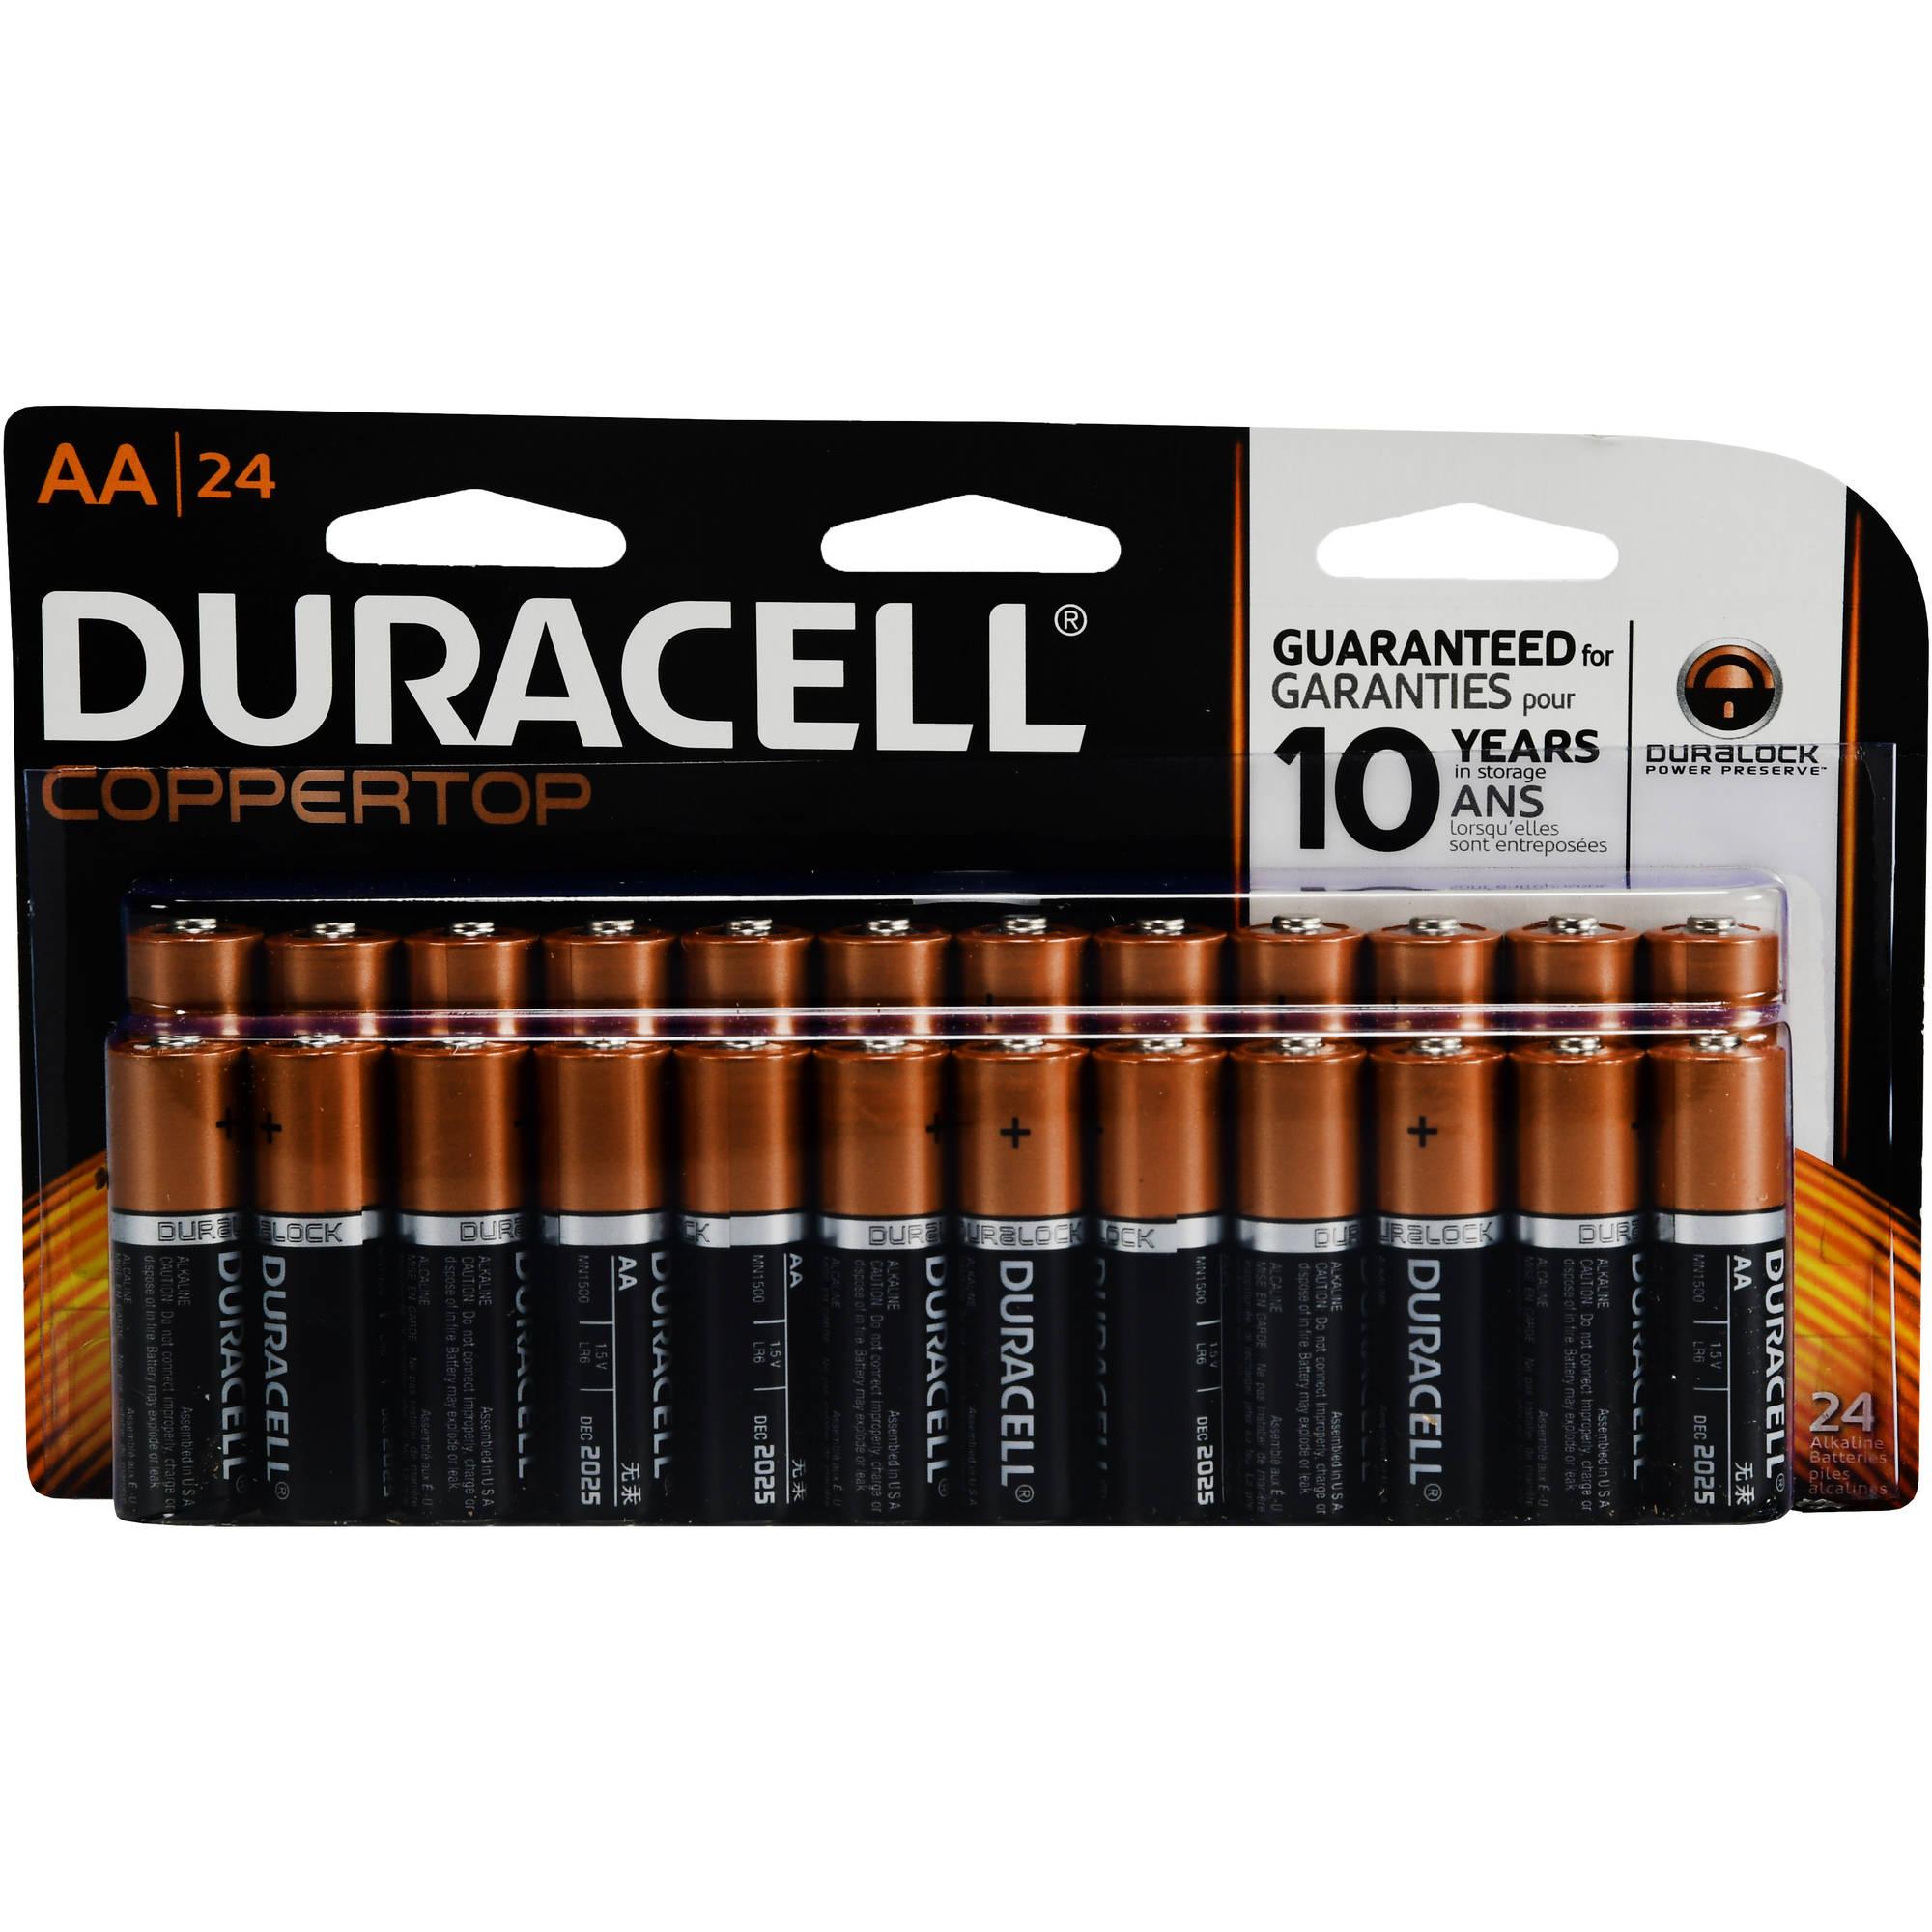 Household Batteries Walmartcom - Us zip code aa